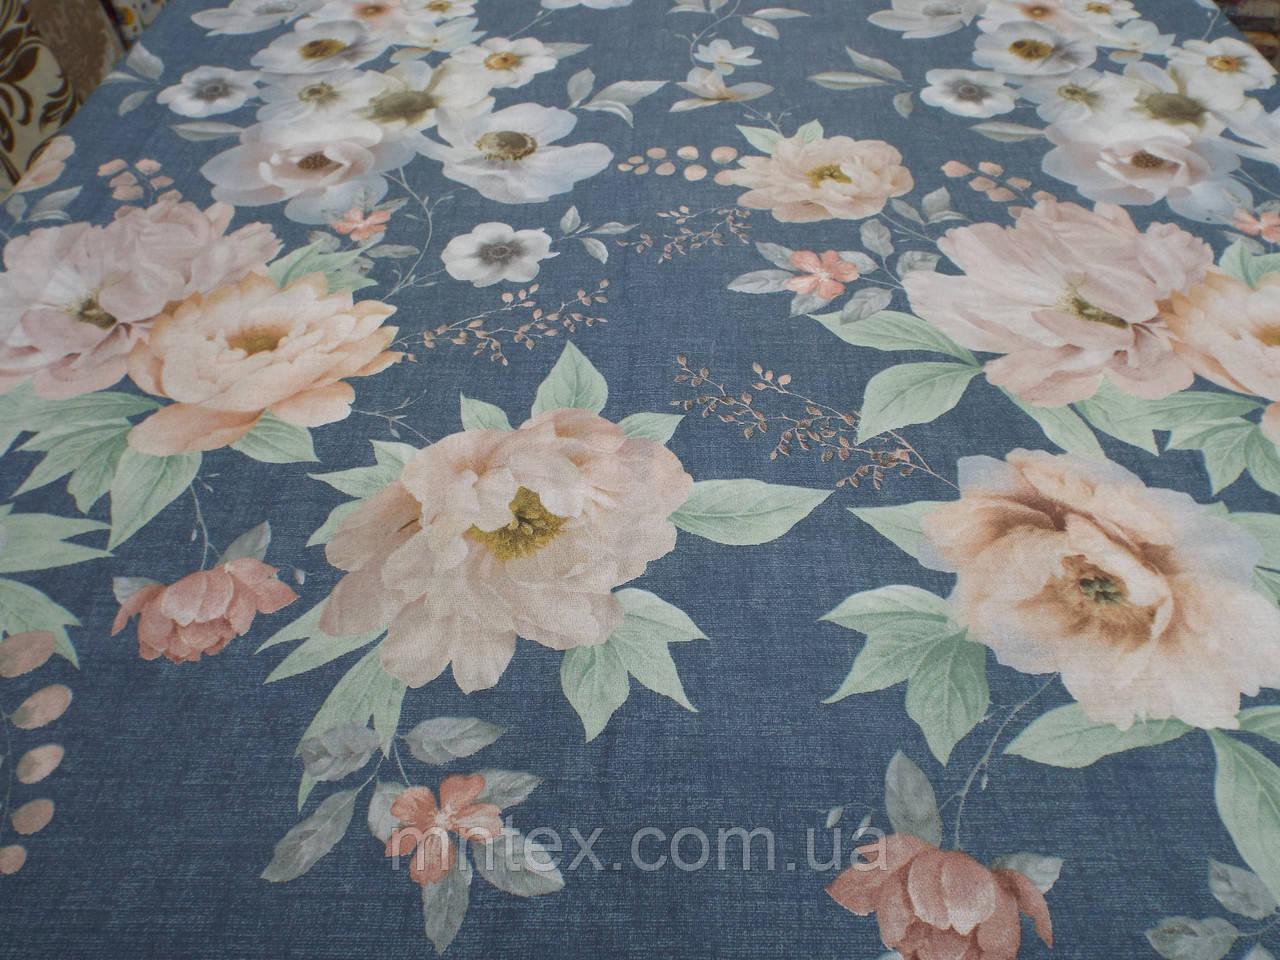 Ткань для пошива постельного белья бязь премиум Прикосновение